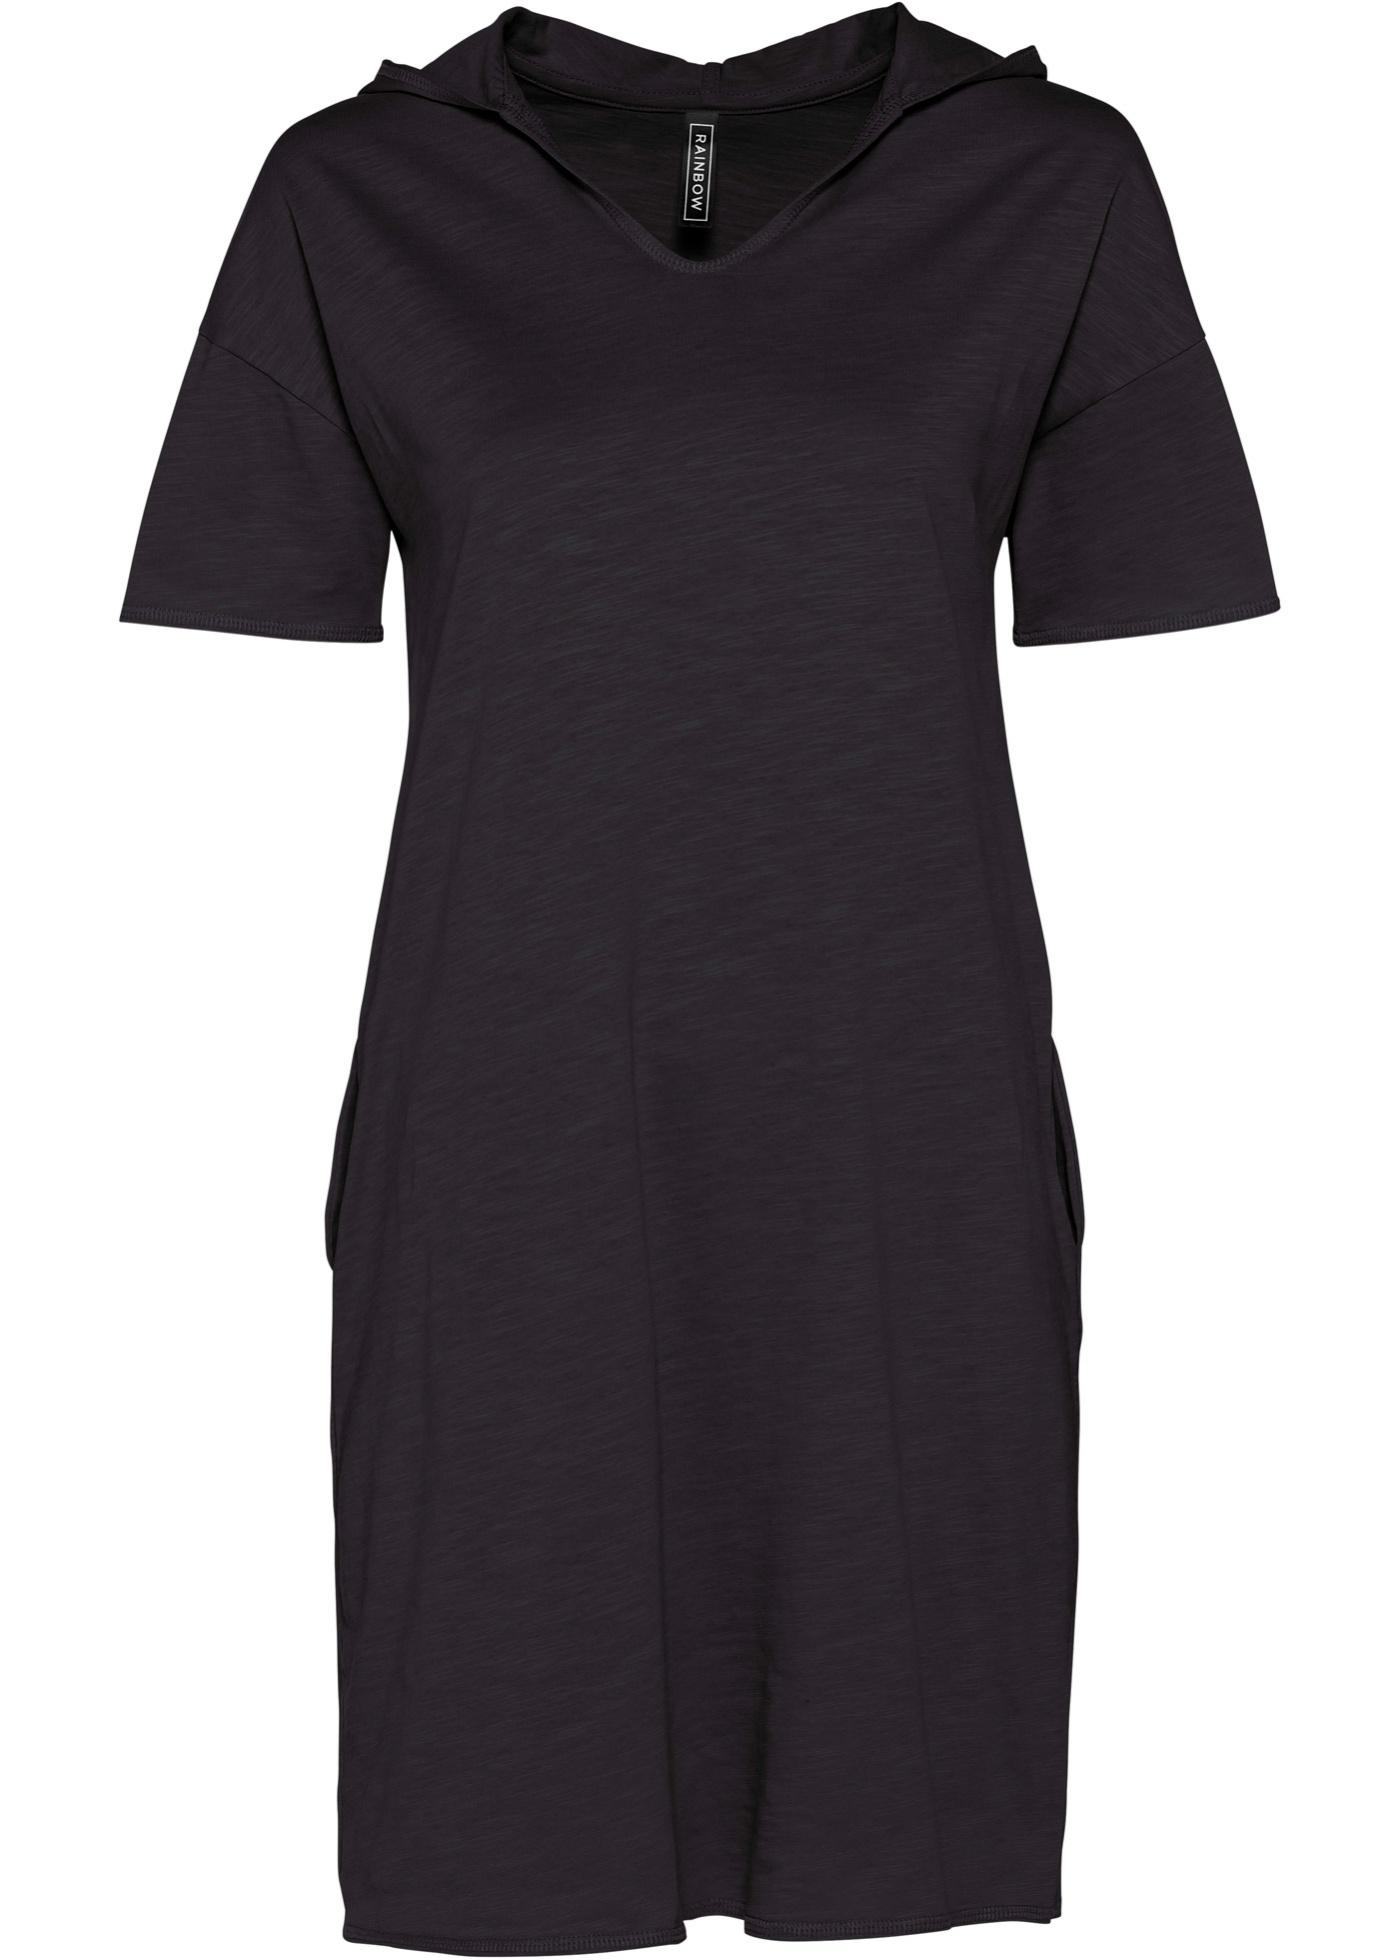 Levné Úpletové šaty   Černá barva šatů